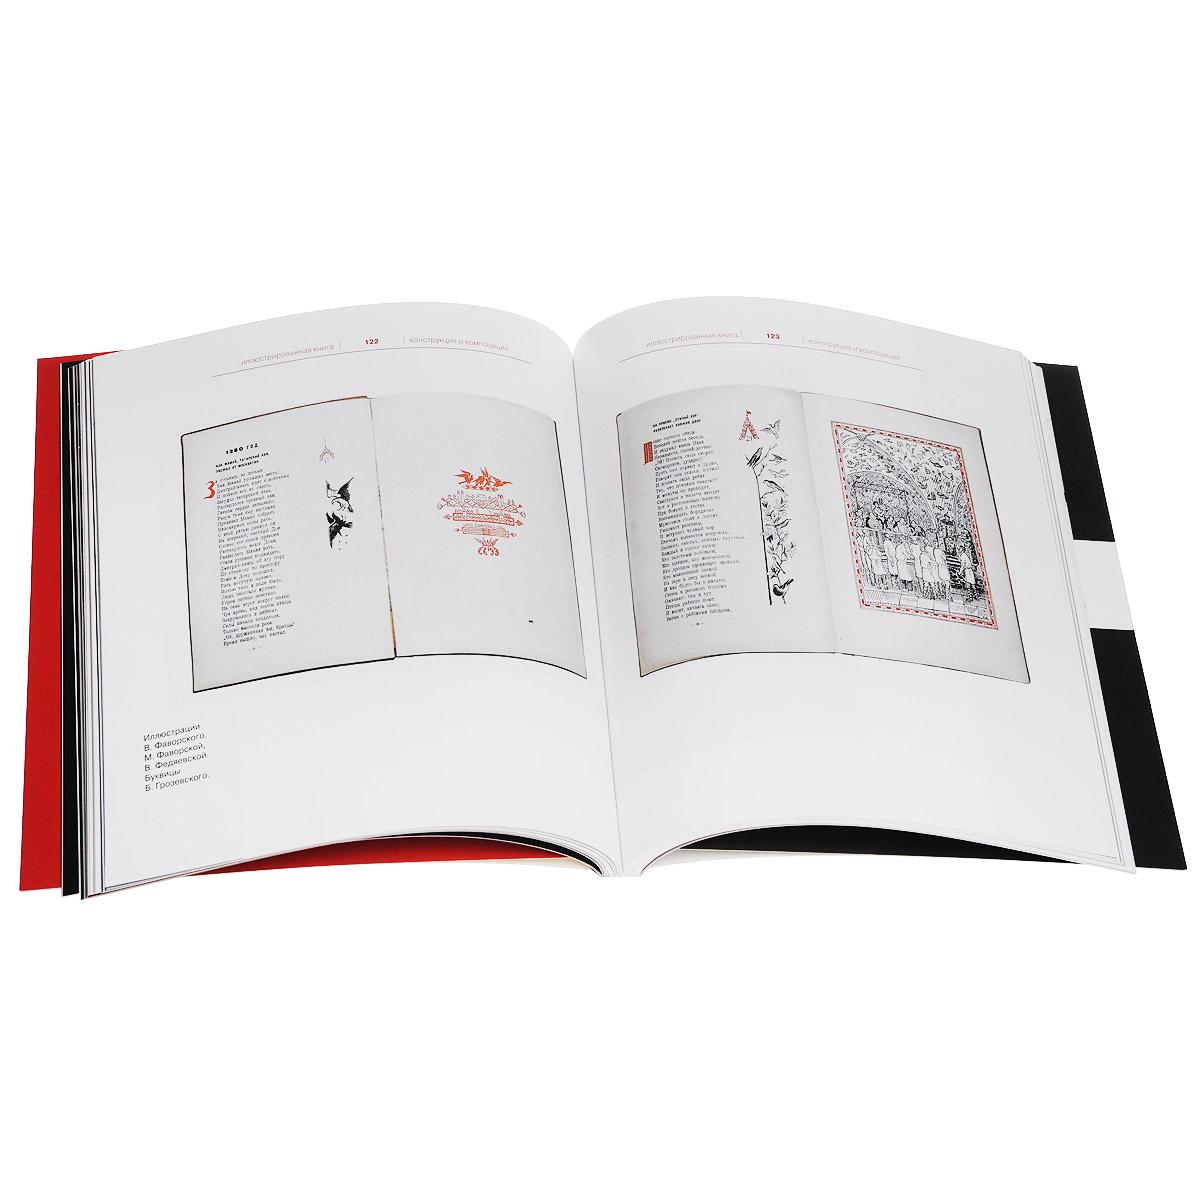 Иллюстрированная книга. Конструкция и композиция